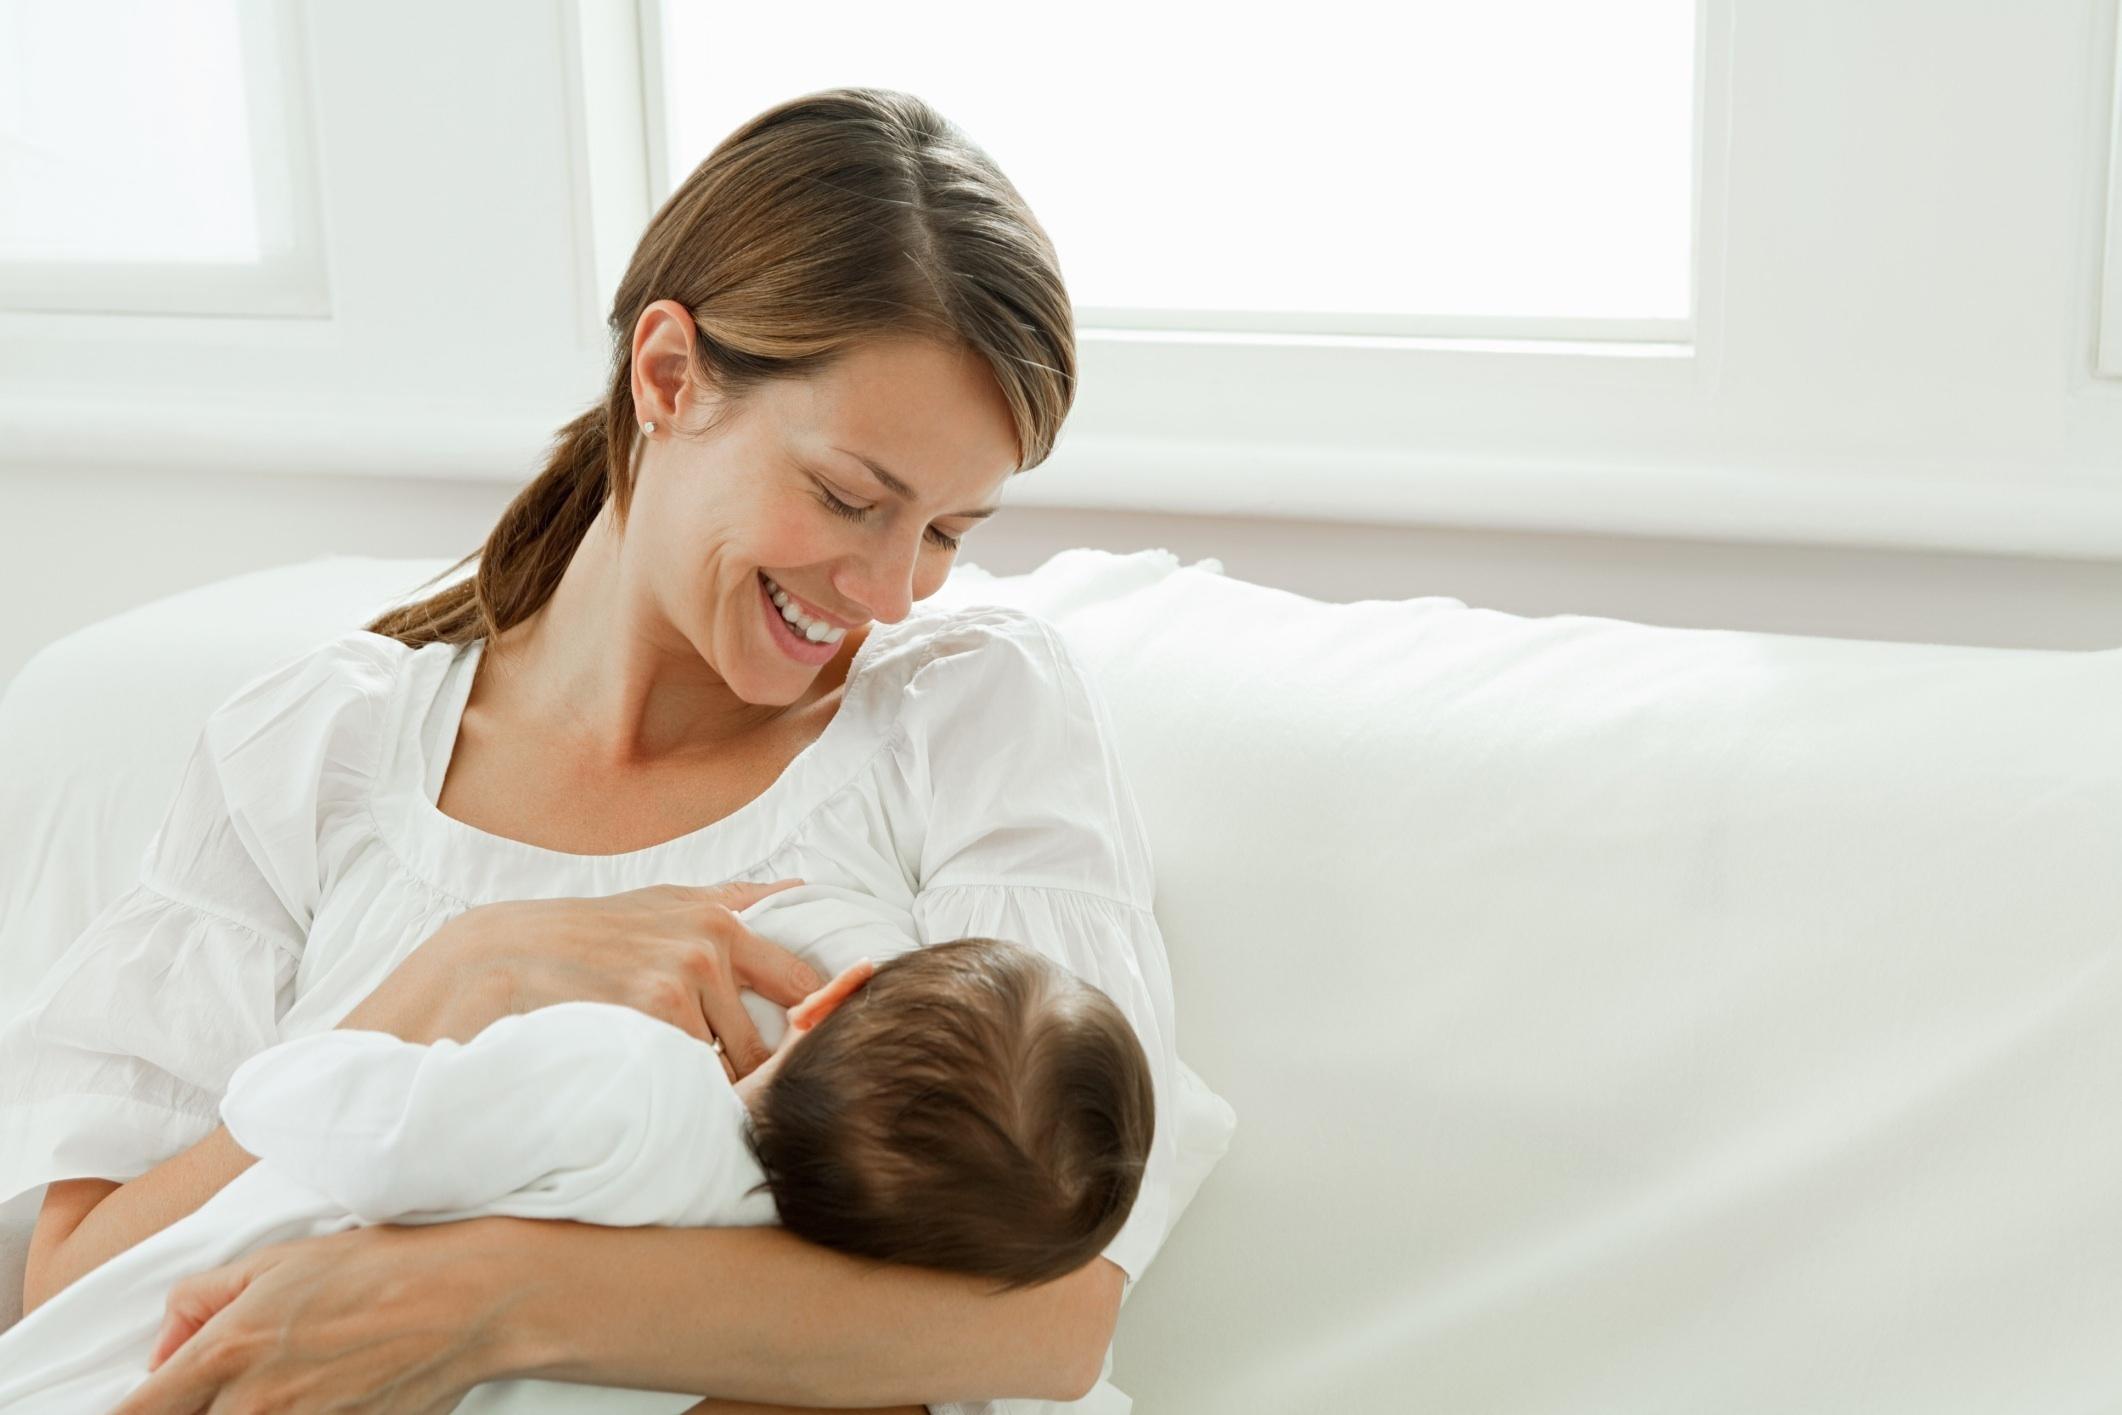 تعرفي على فوائد الرضاعة الطبيعية